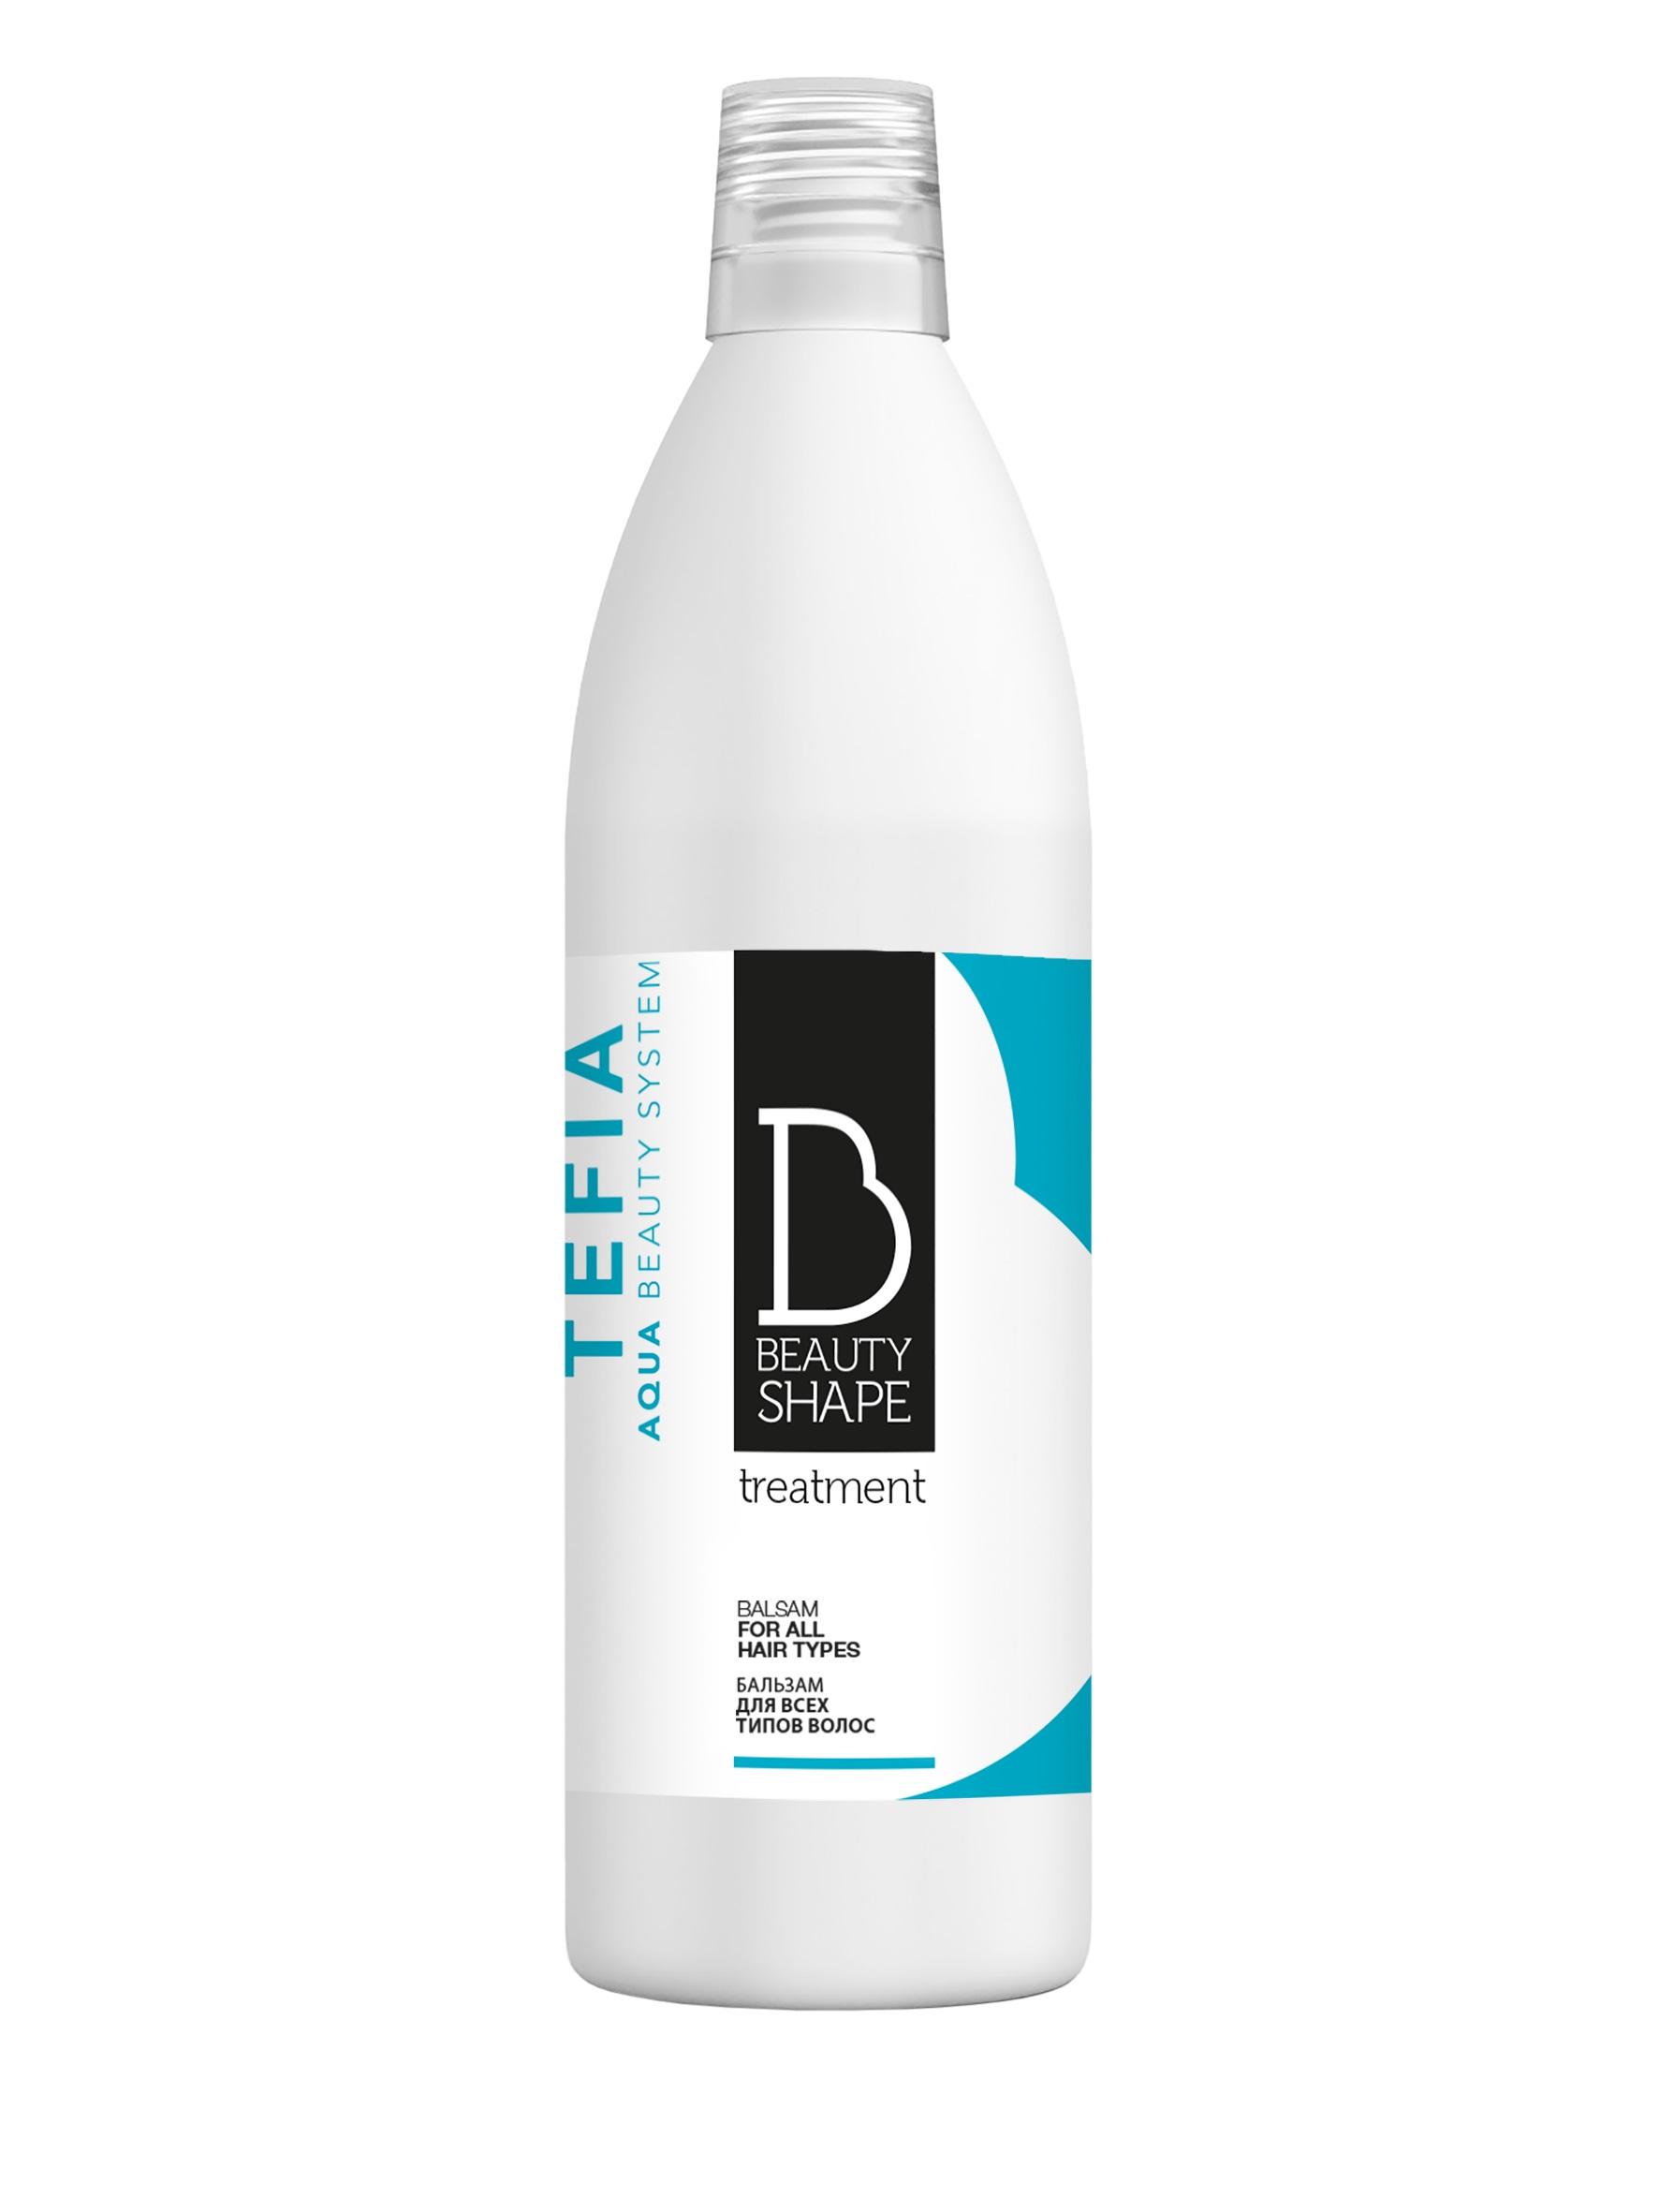 TEFIA Бальзам для всех типов волос / Beauty Shape Treatment 1000 мл фото